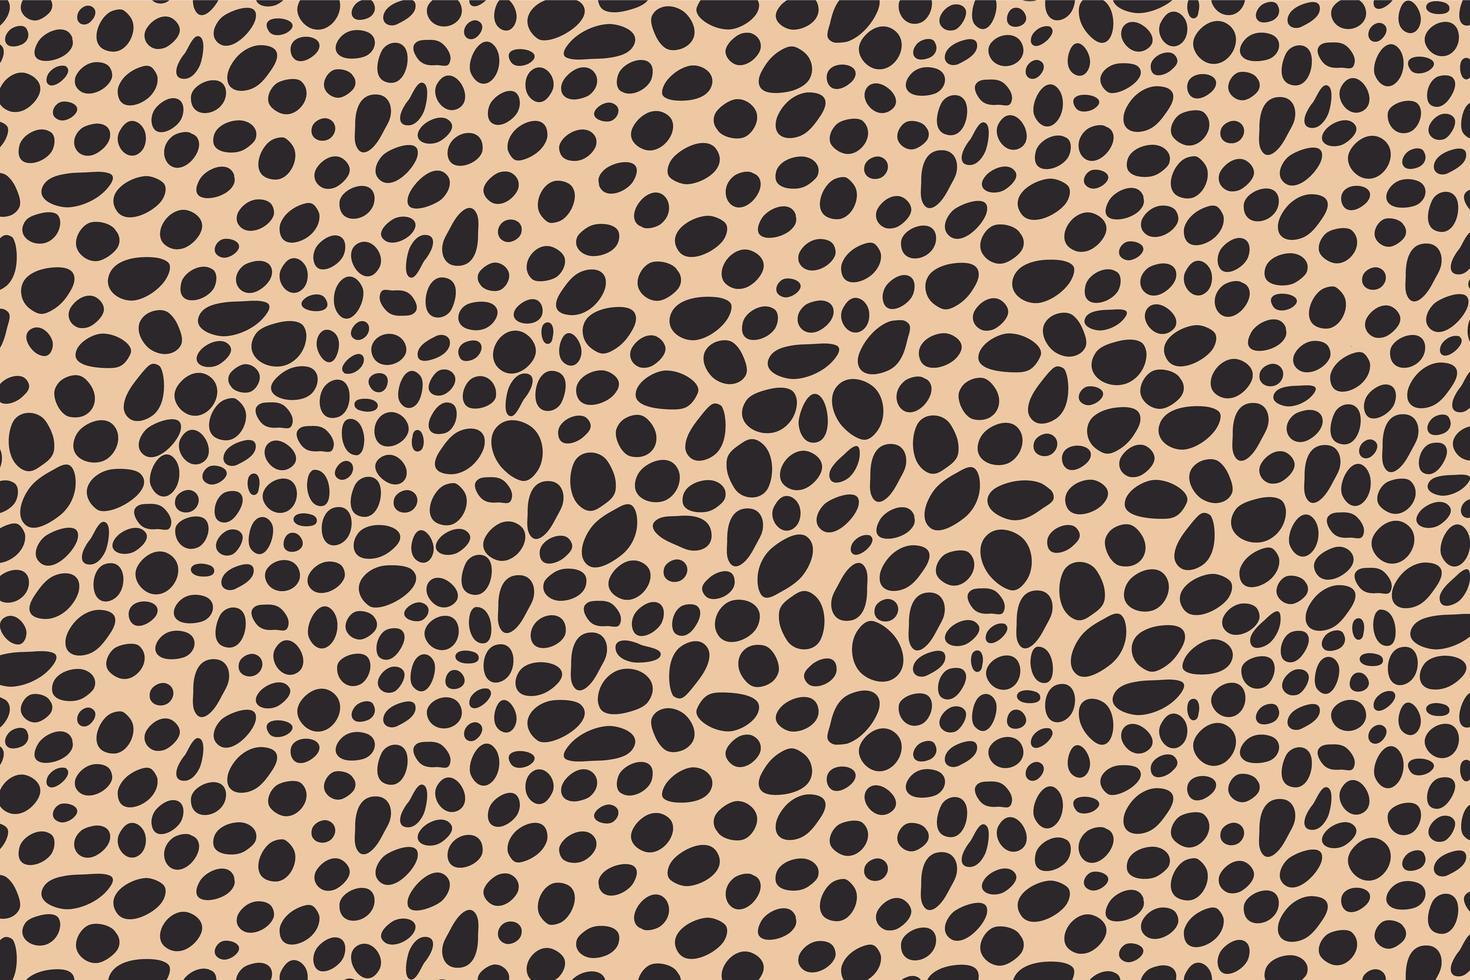 abstract stippen dierenprint ontwerp. luipaard print ontwerp. cheetah huid achtergrond. vector